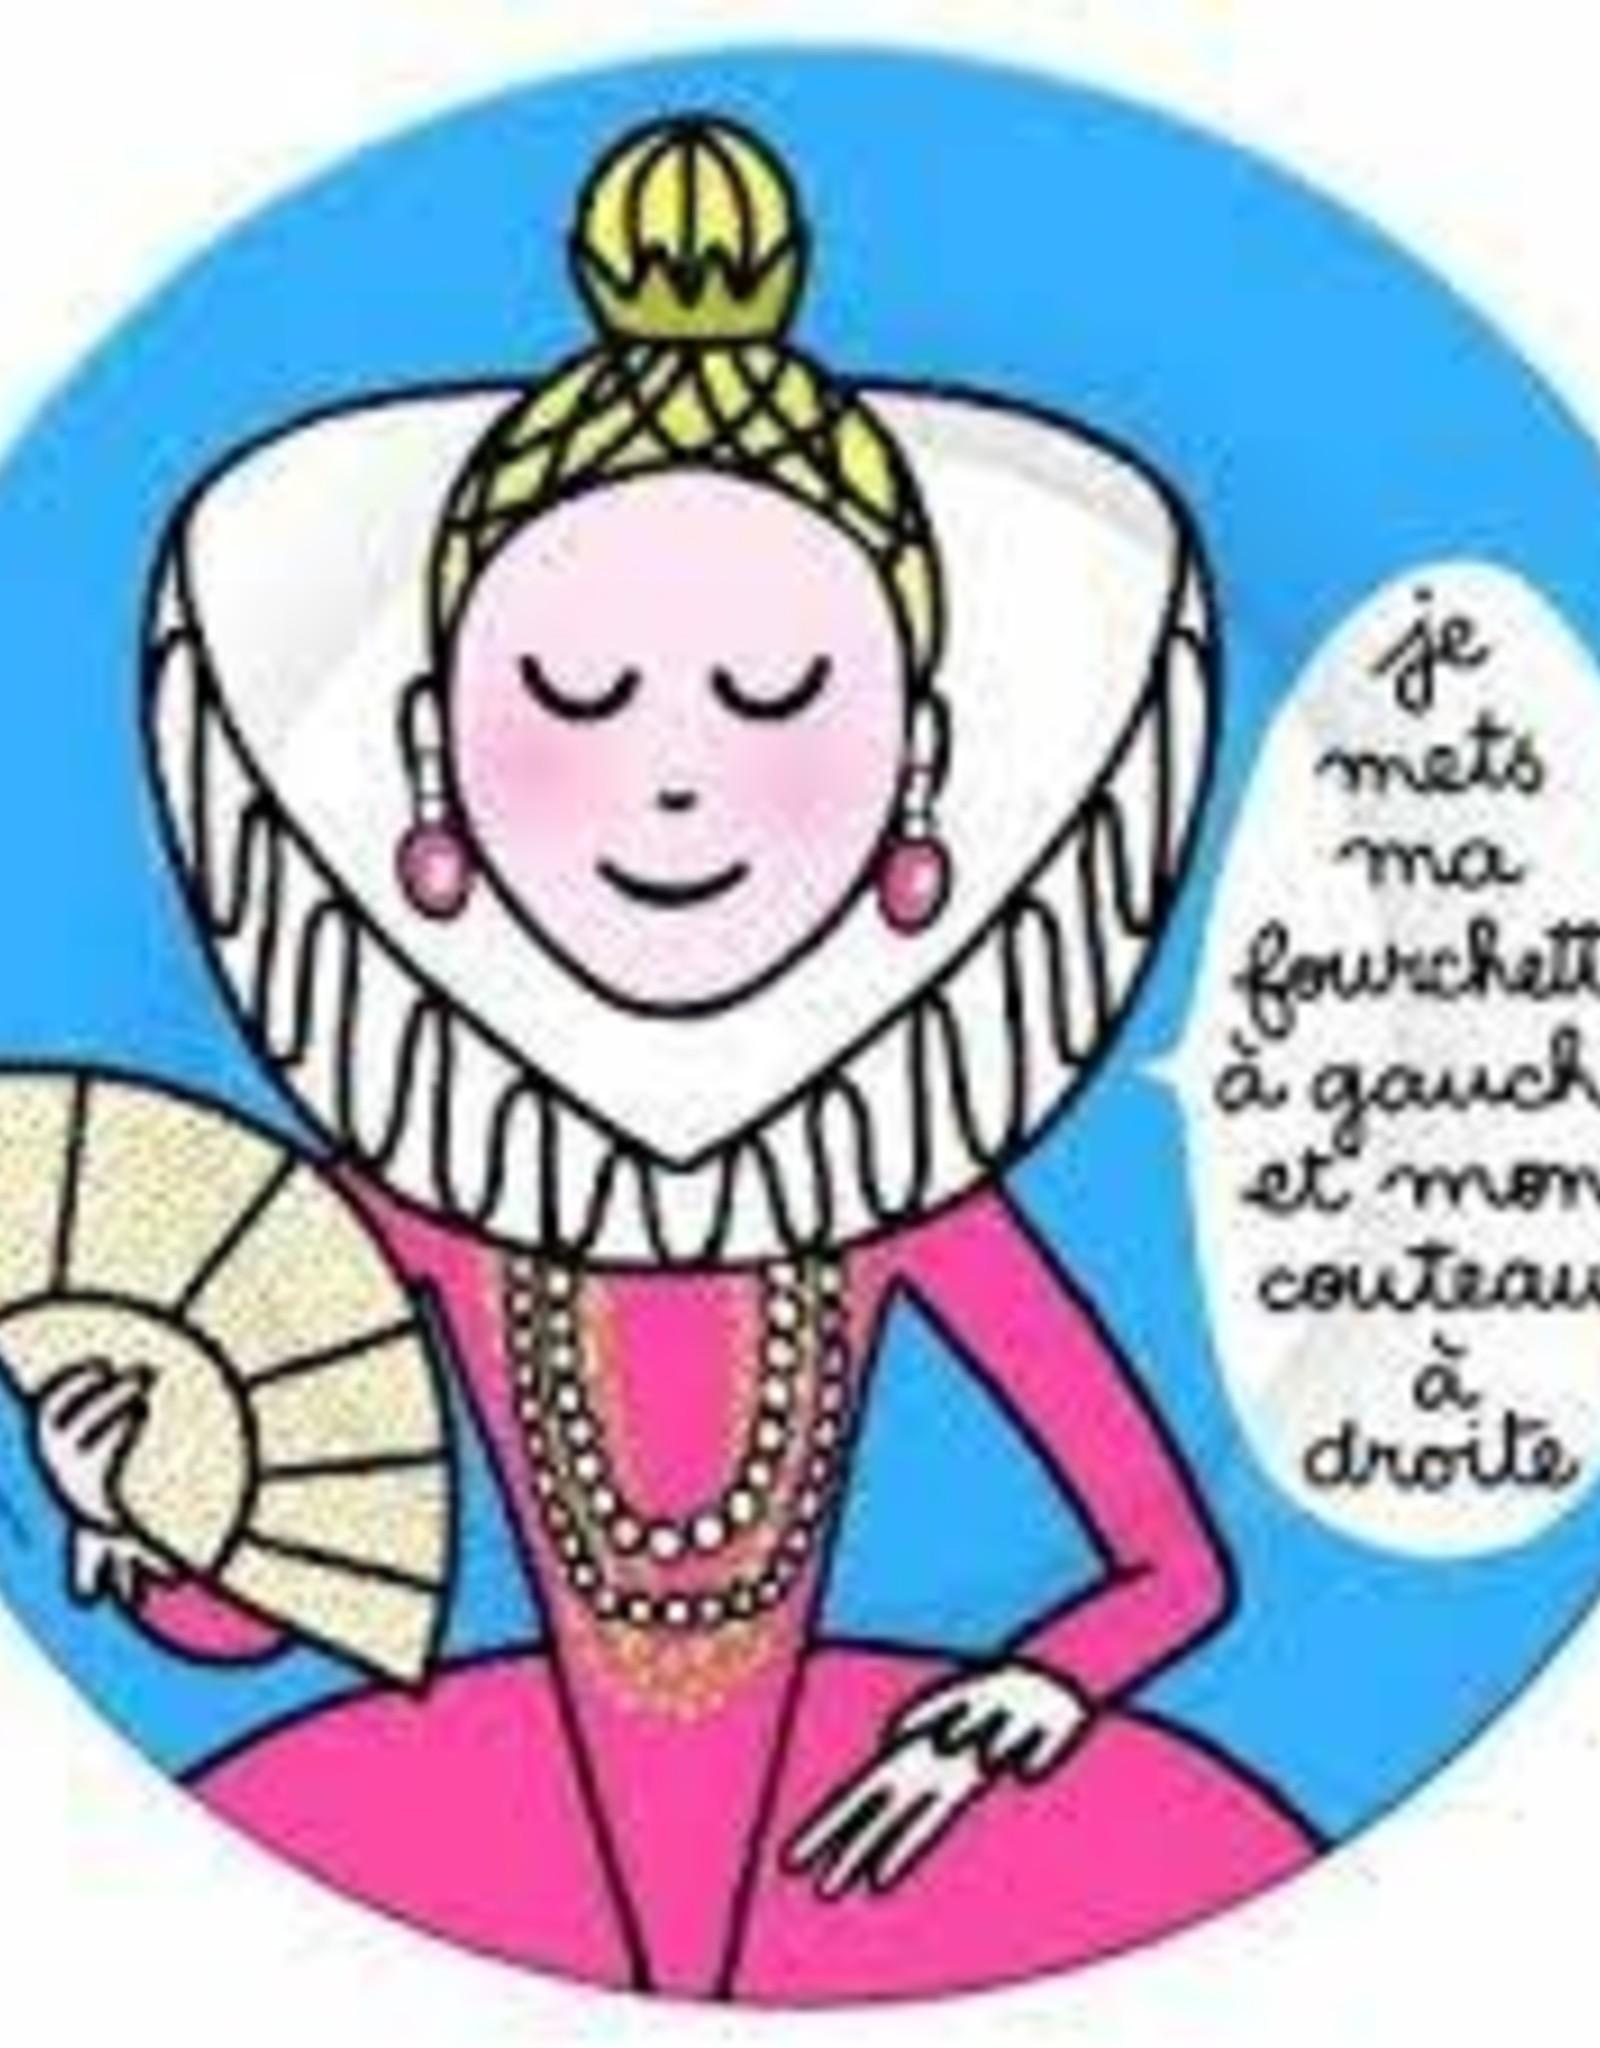 Petit Jour Paris Assiette F fourchette